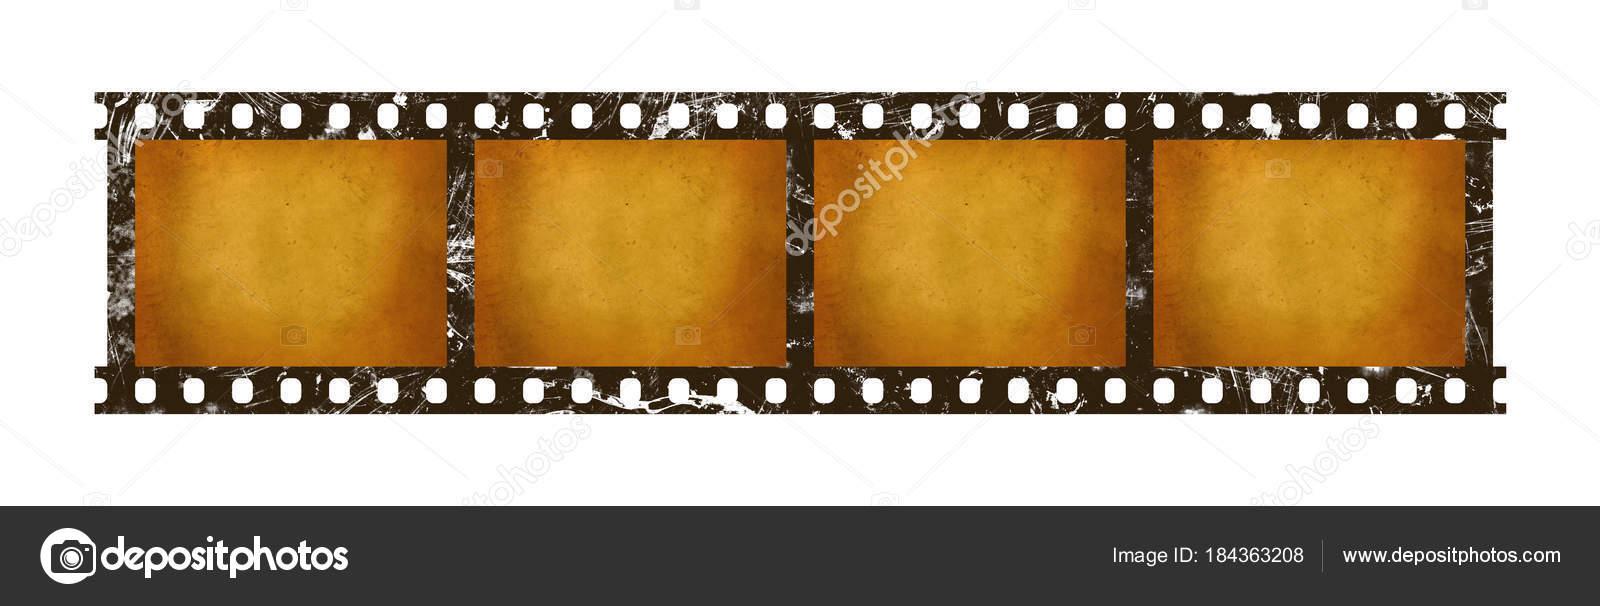 Marcos viejos de tira de película retro vintage 35 mm — Foto de ...